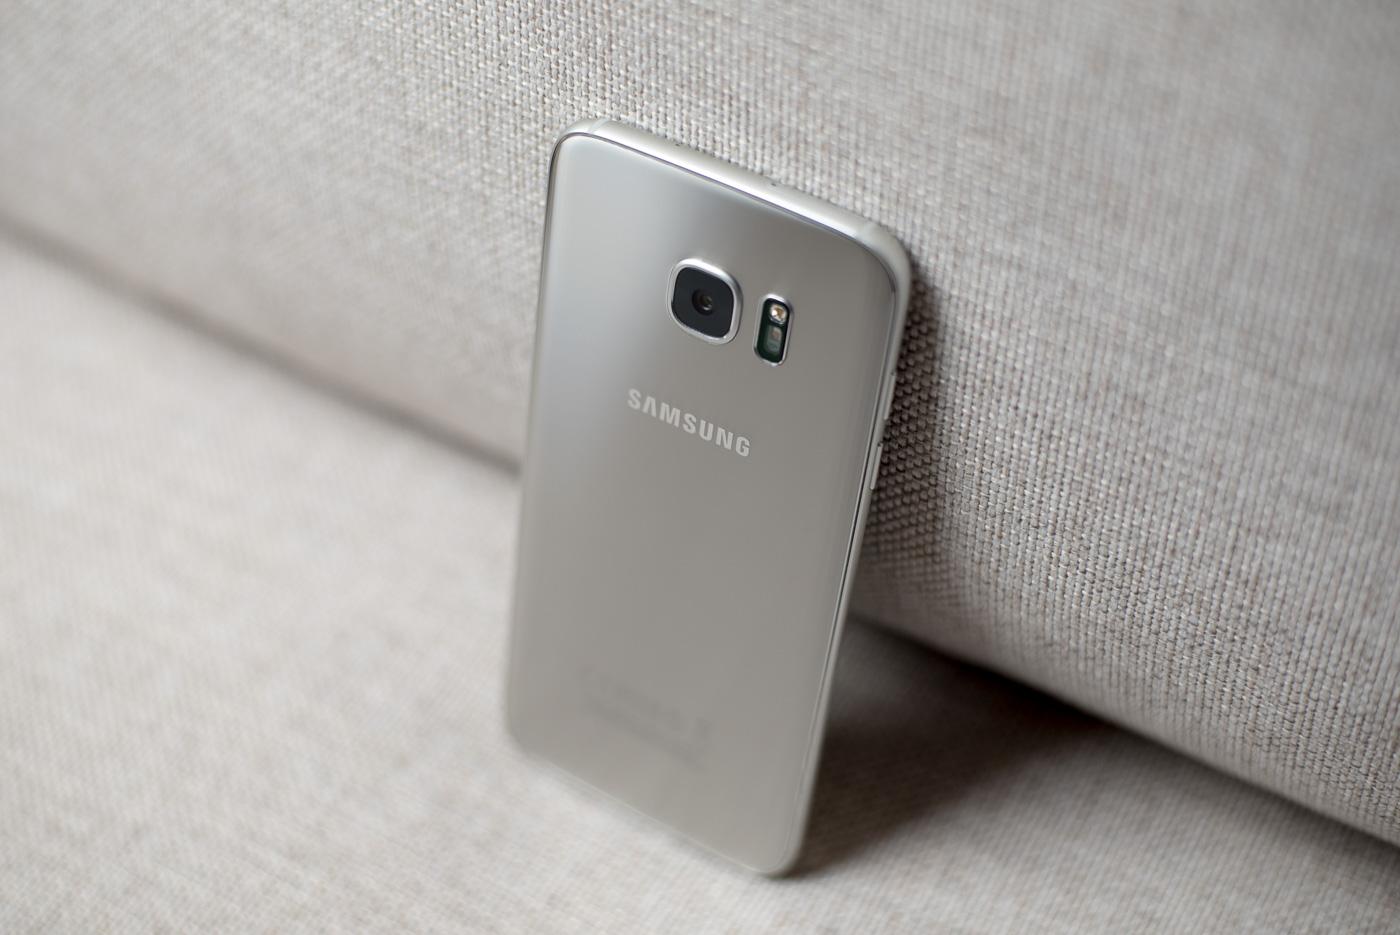 Samsung zmienił zdanie  Galaxy S7 będzie dostawał aktualizacje